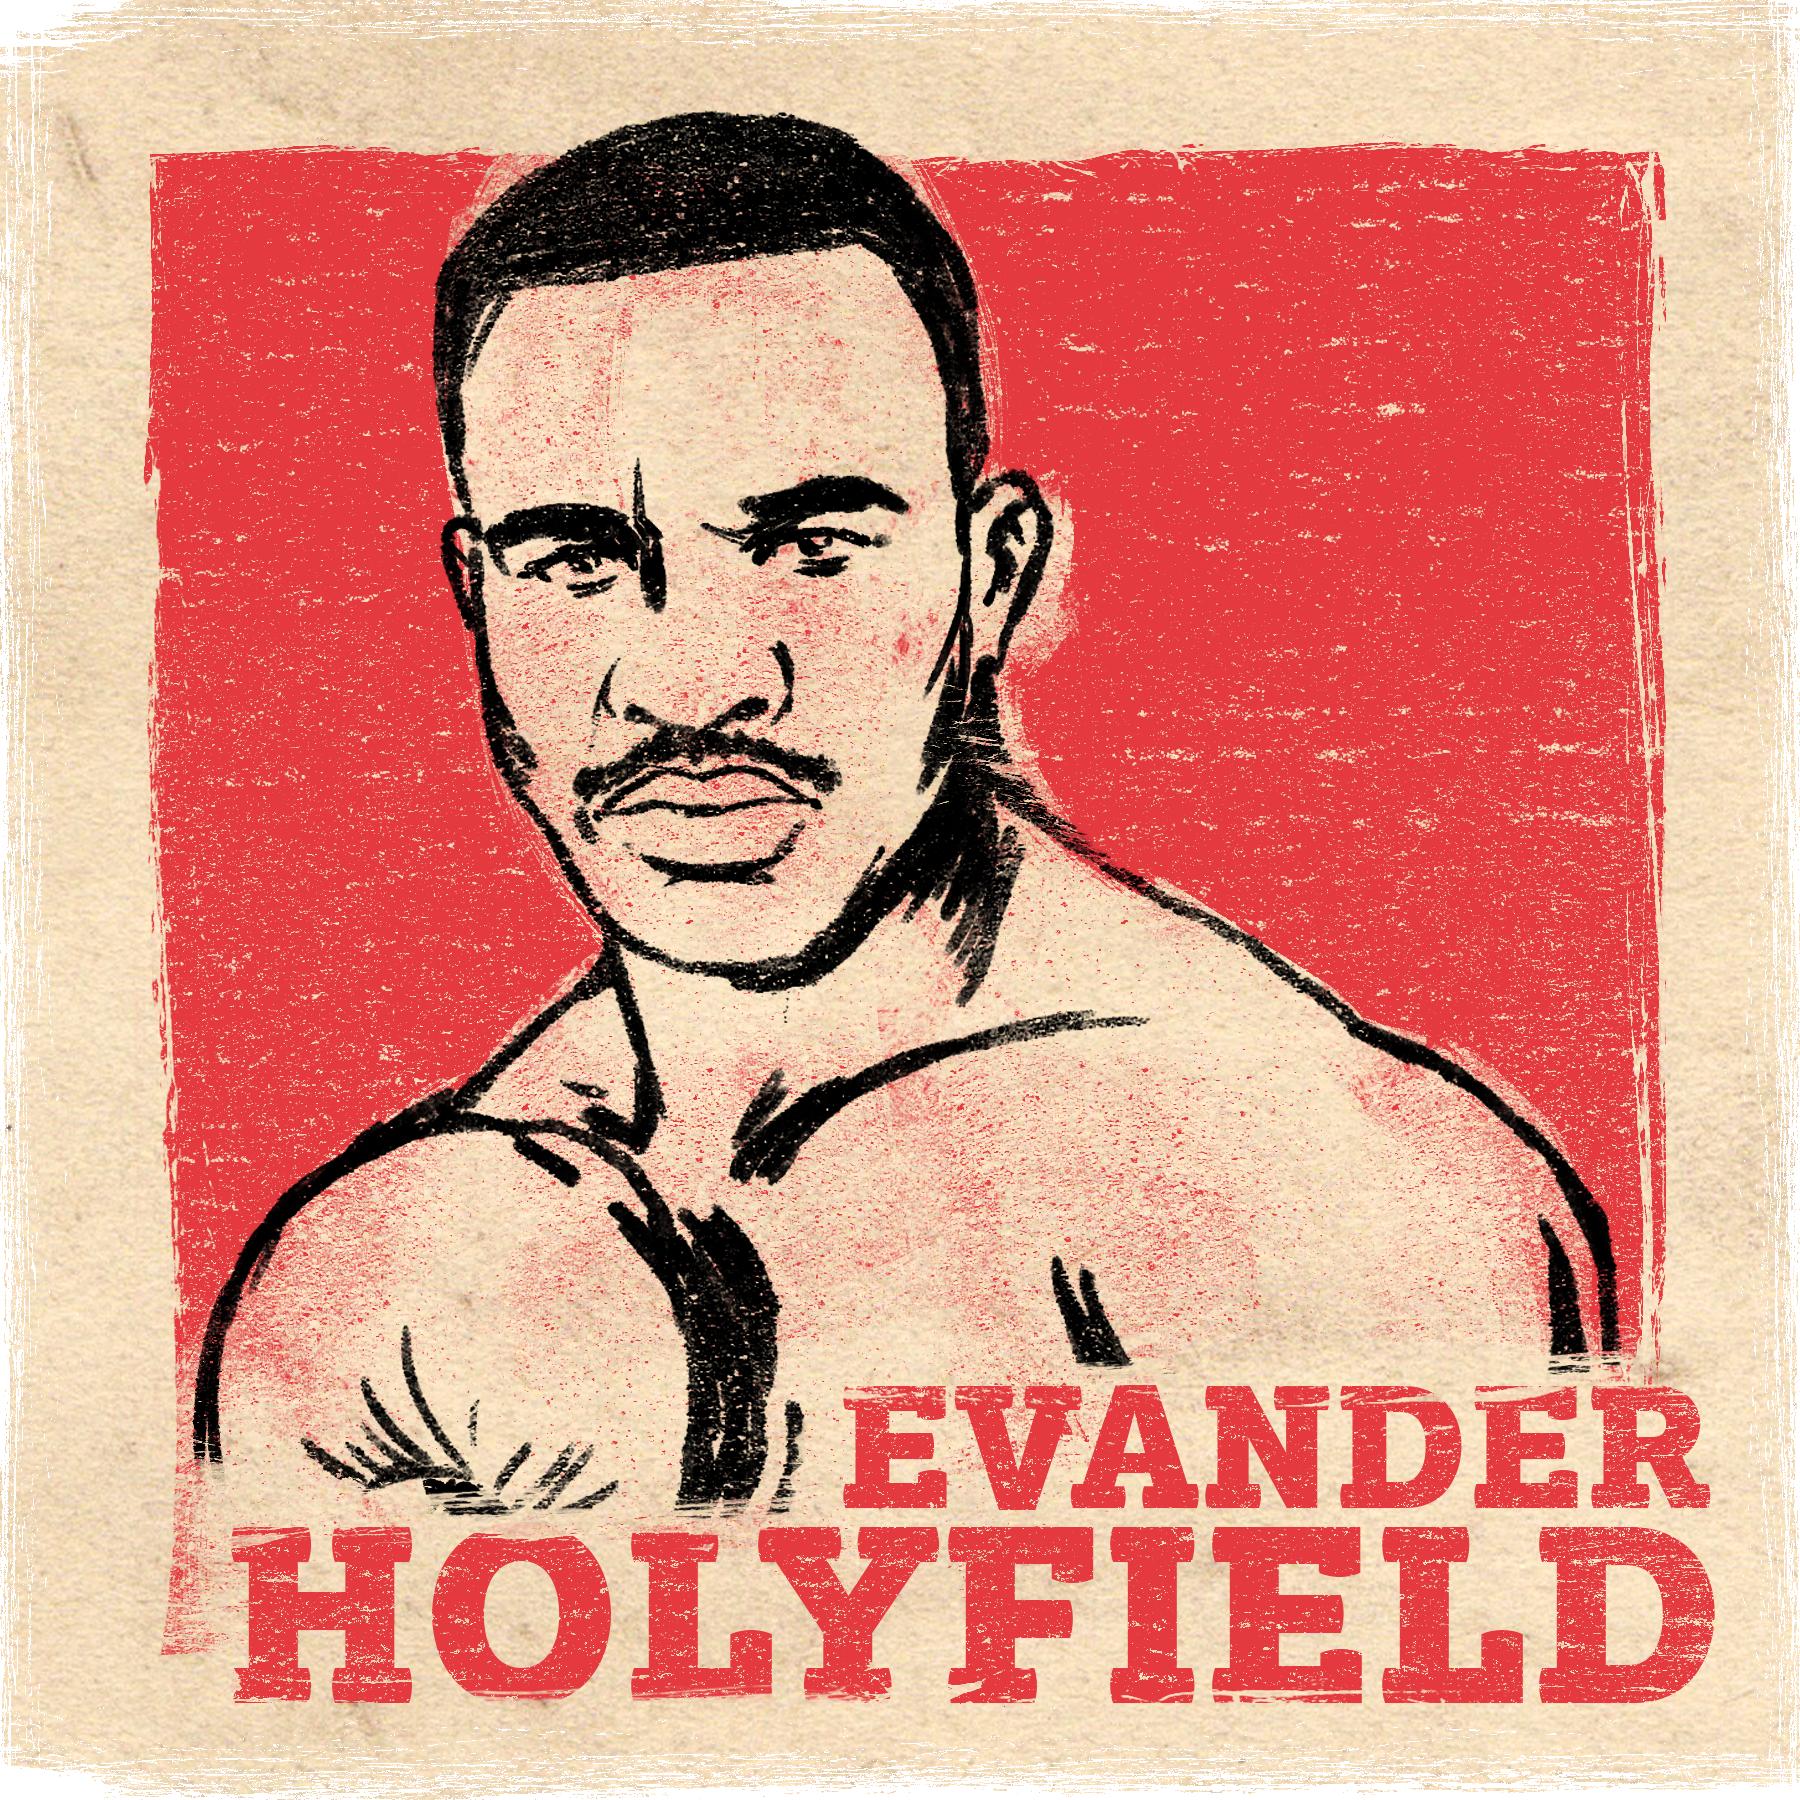 evander-holyfield-02.png